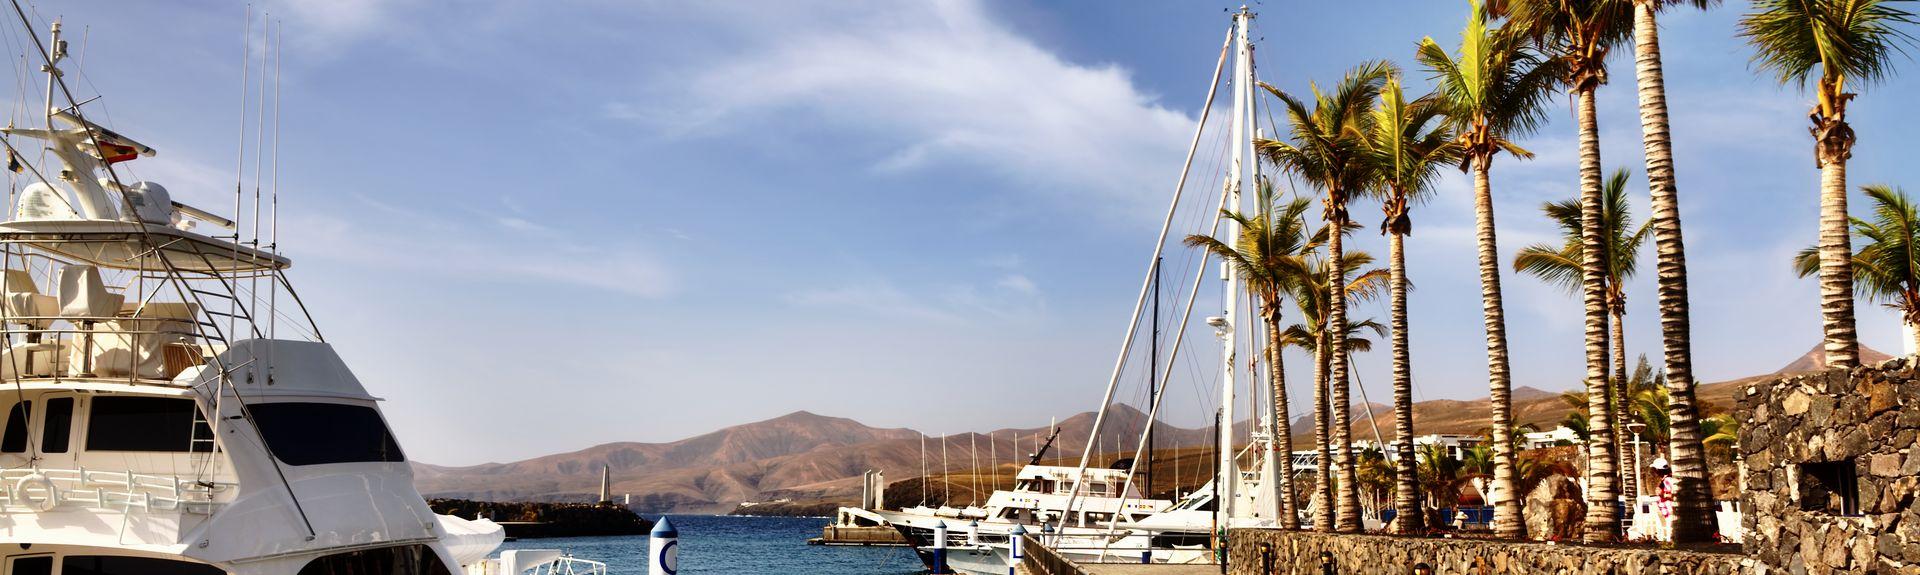 Puerto Calero, Isole Canarie, Spagna